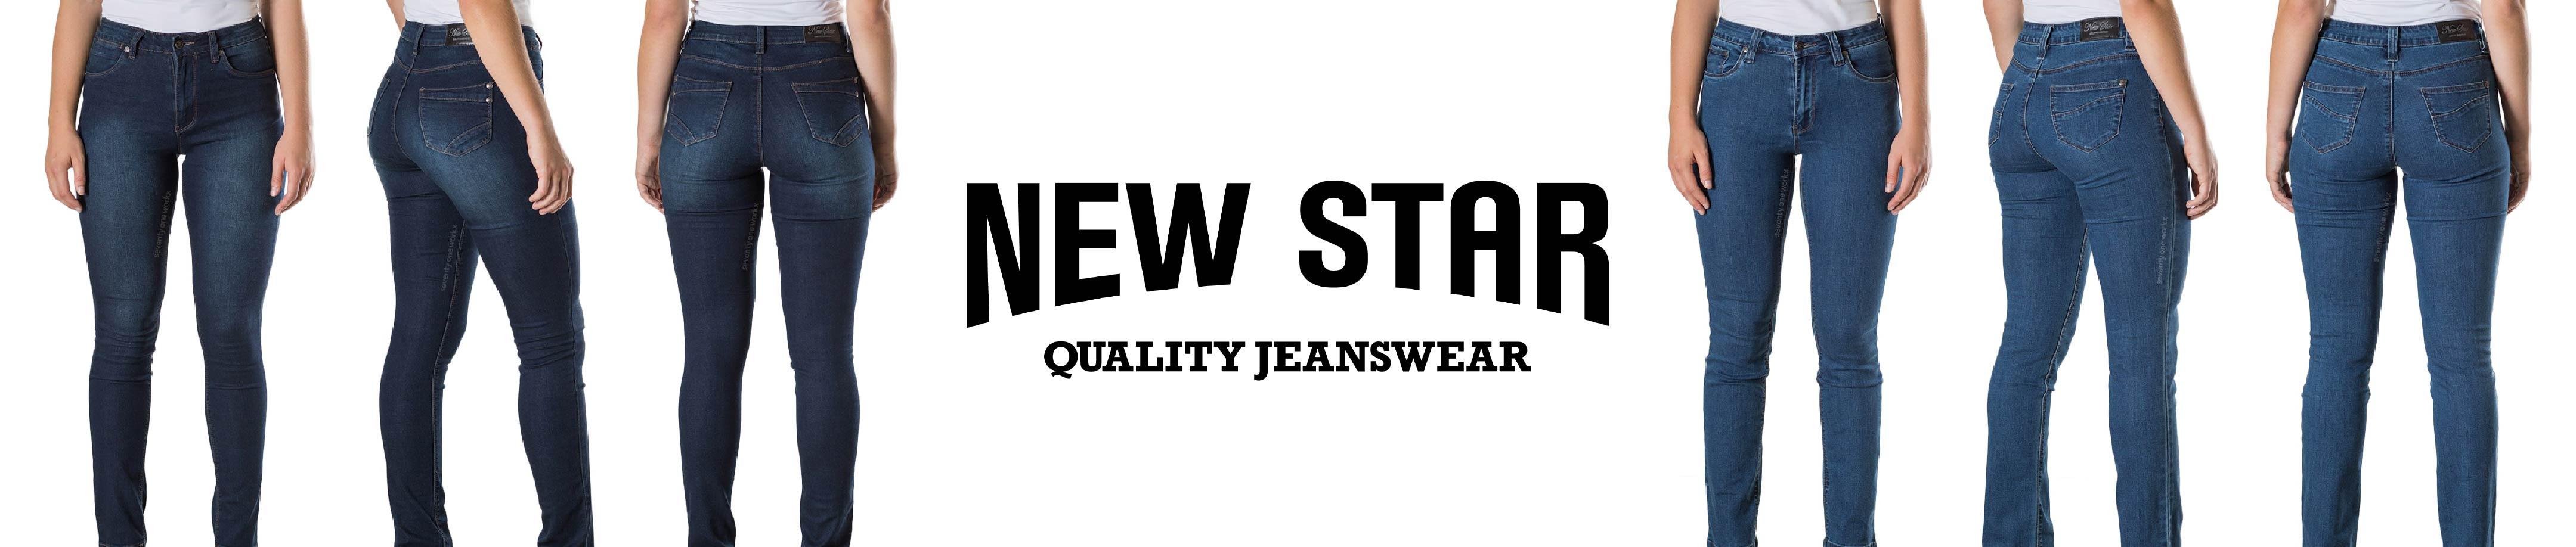 New Star jeanswear